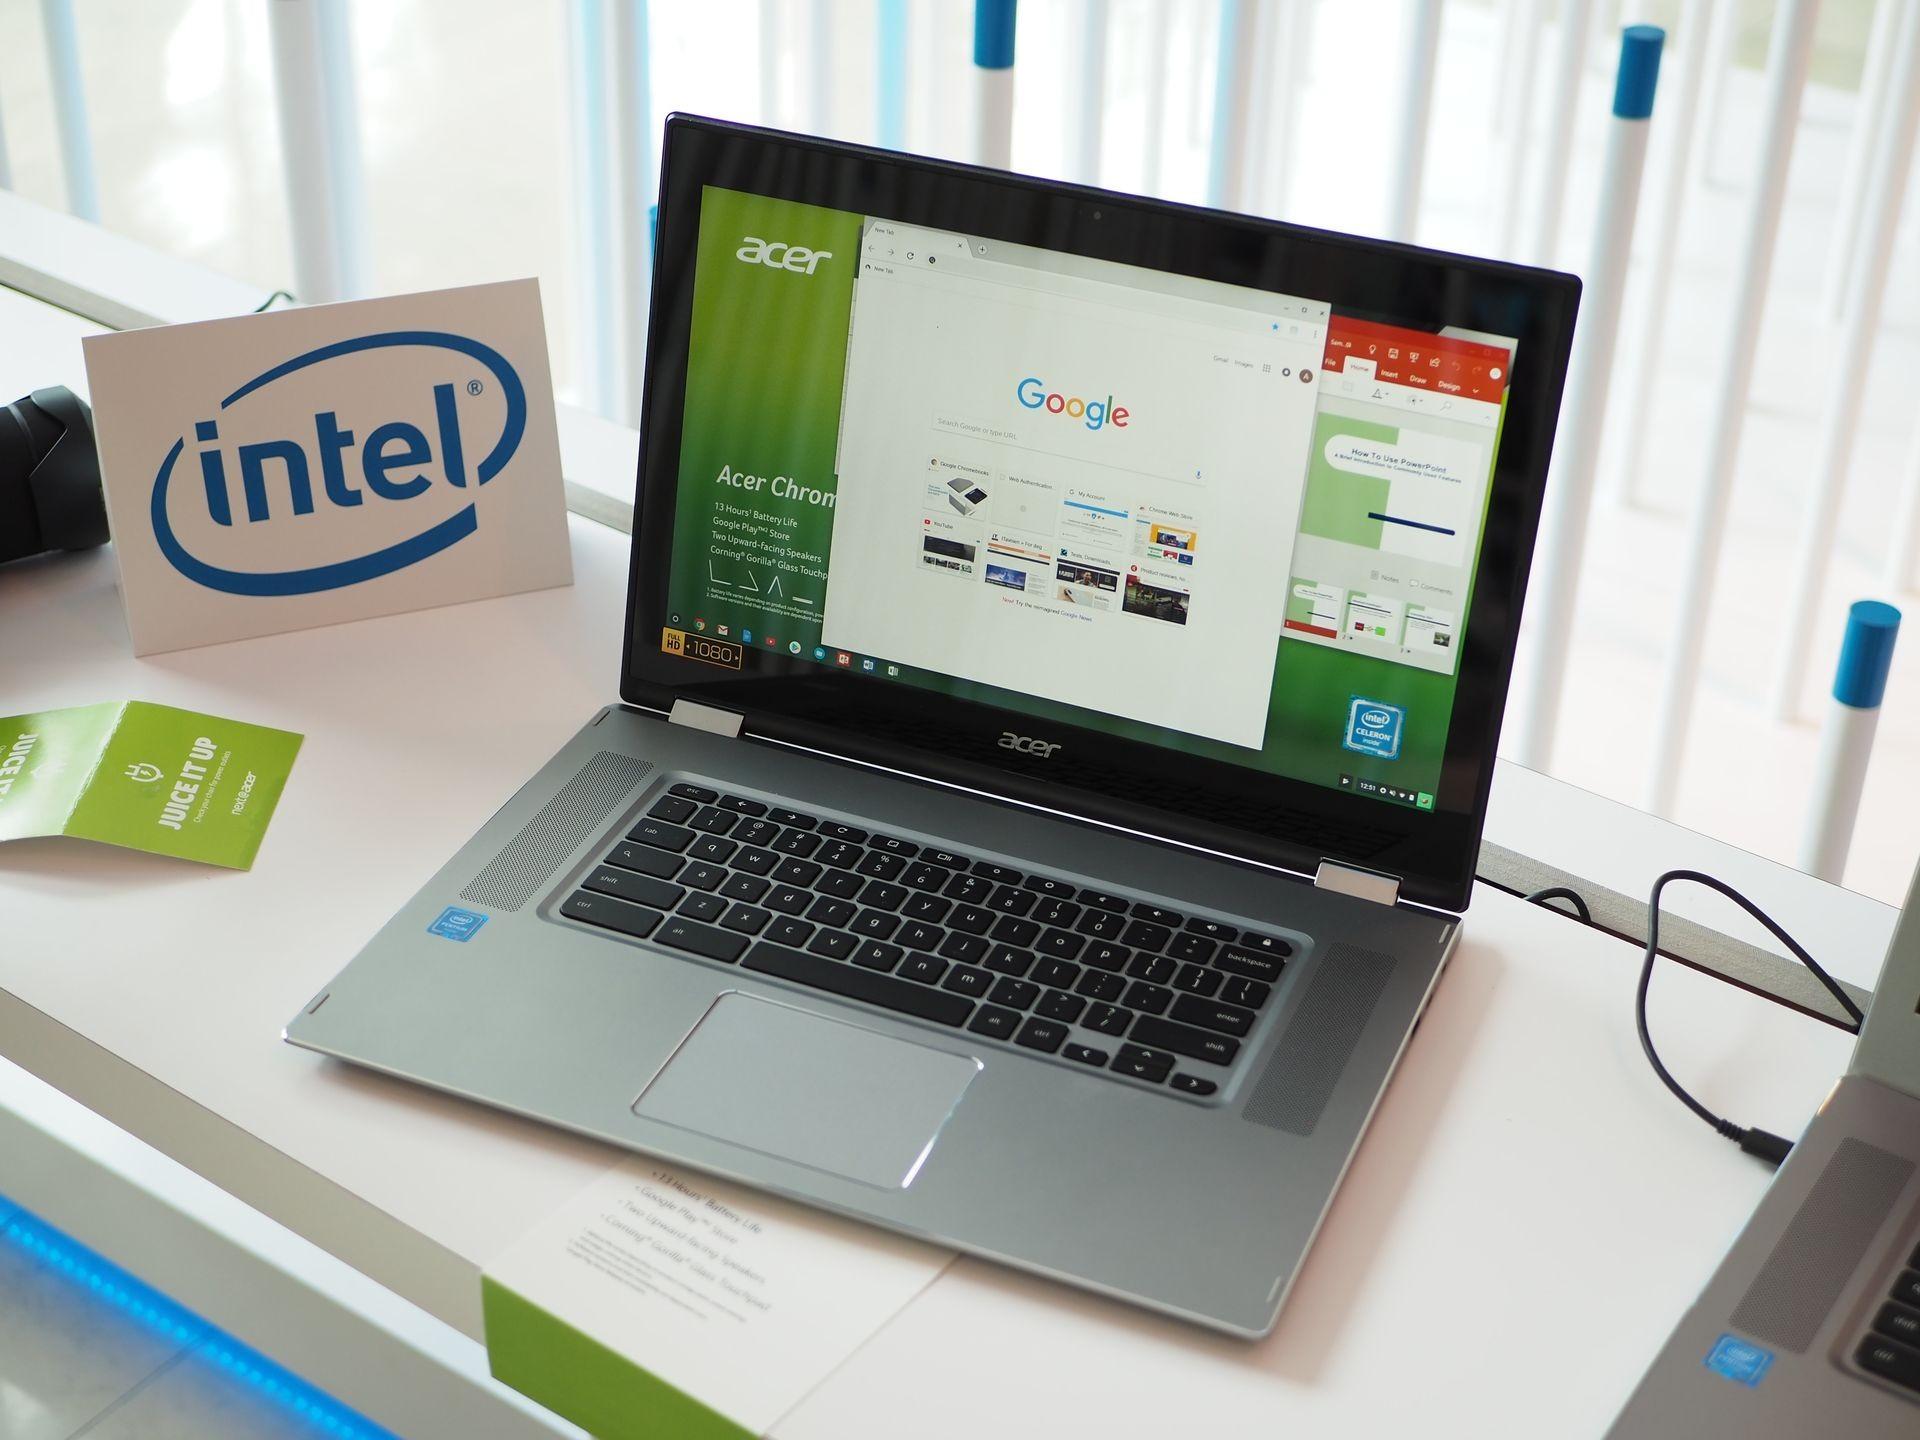 Игровой ноутбук Acer Predator Helios 500 базируется насамом мощном чипе Intel